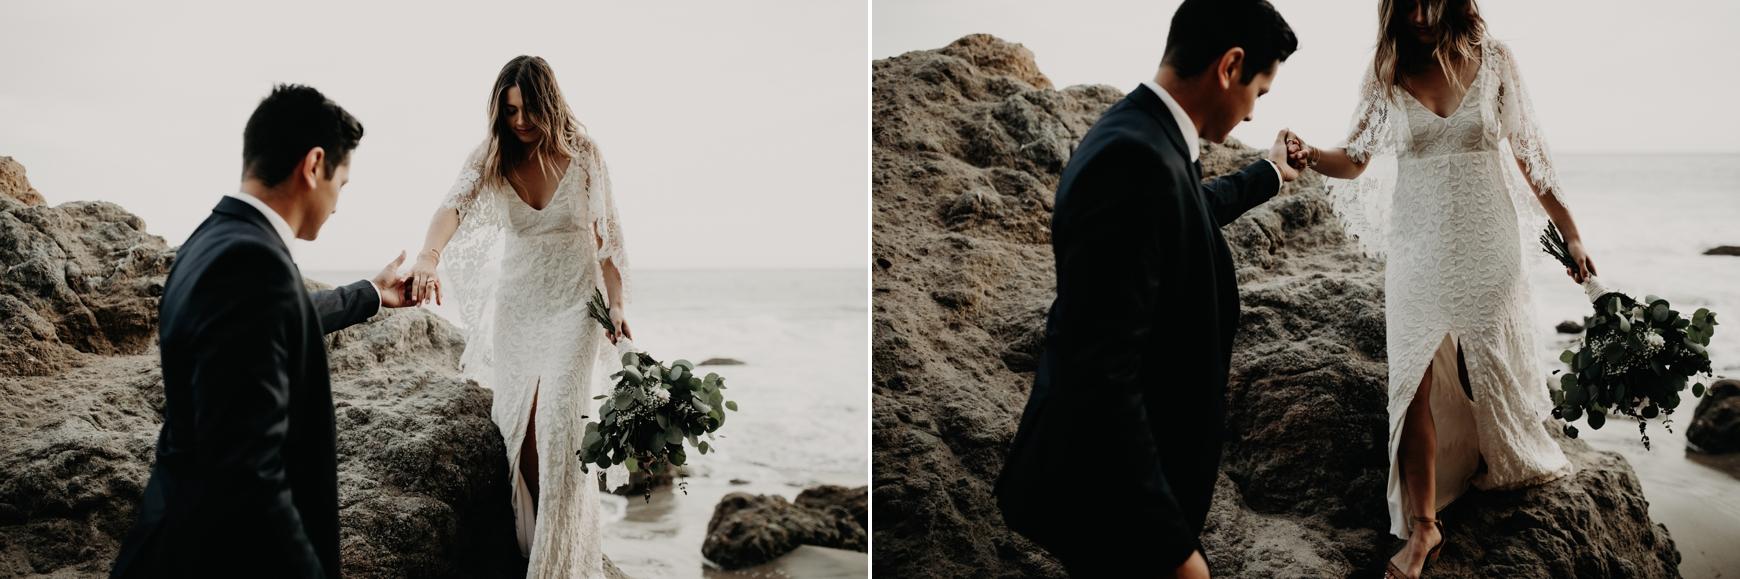 El Matador Beach Bridal Portraits Justellen & TJ Emily Magers Photography-217Emily Magers Photography.jpg